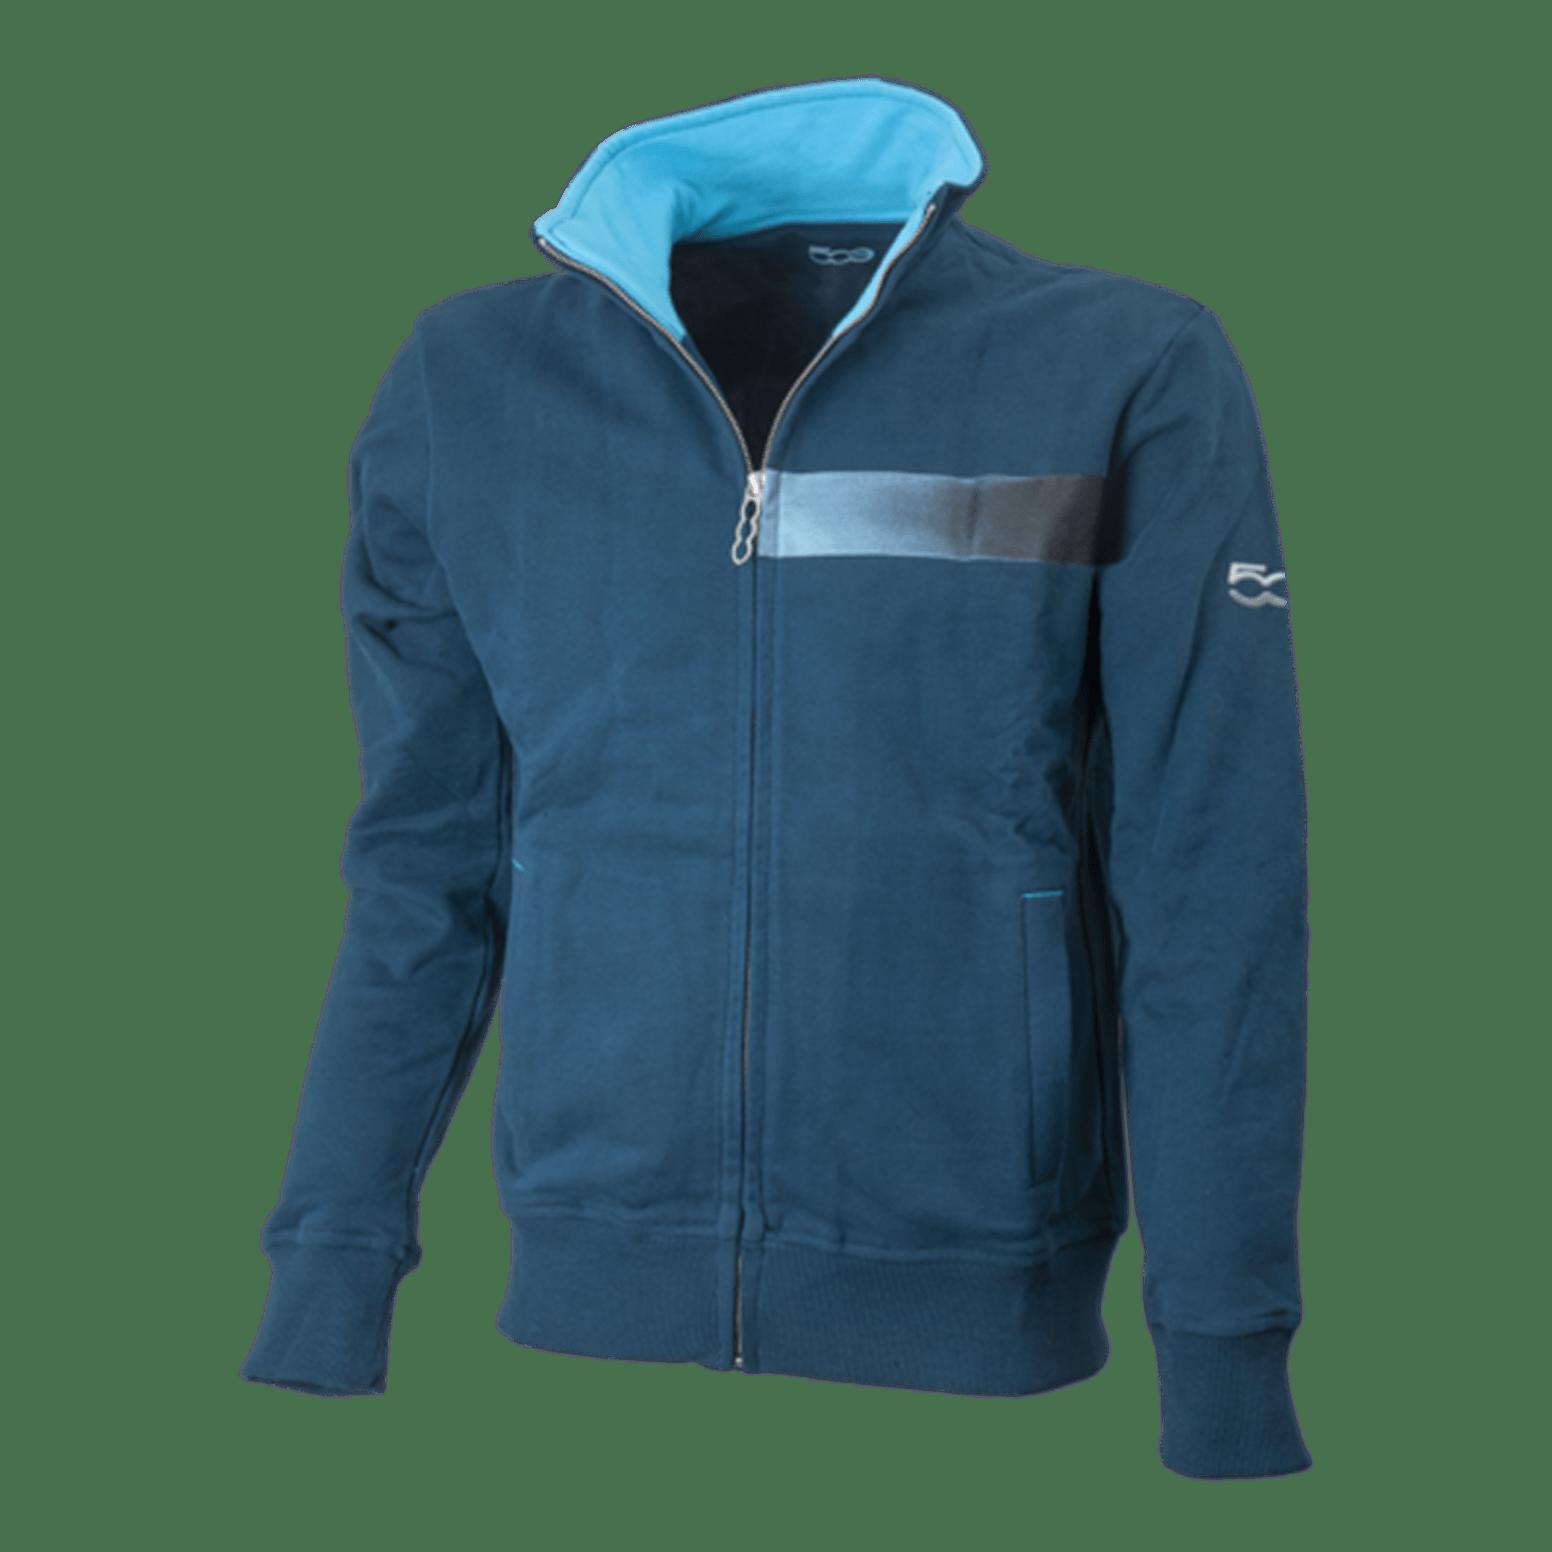 500e Sweatshirt Zip Up Merchandise